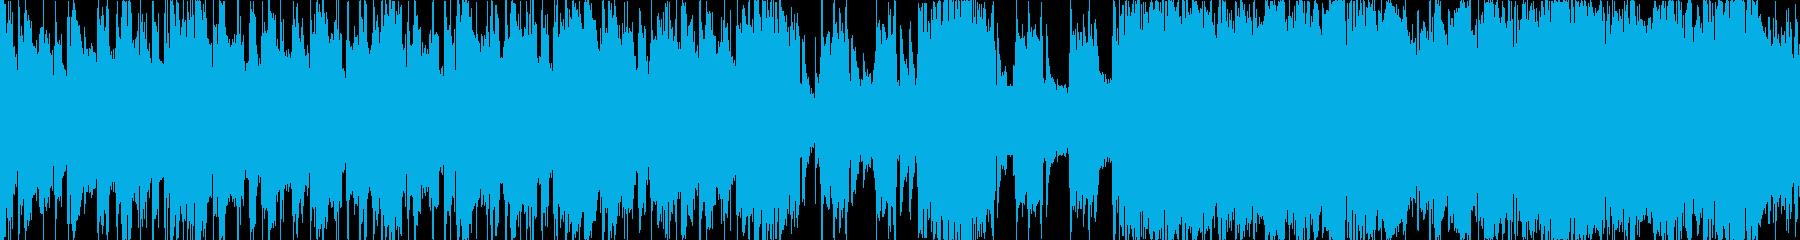 遅くて重いメタルインスト(ループ)の再生済みの波形